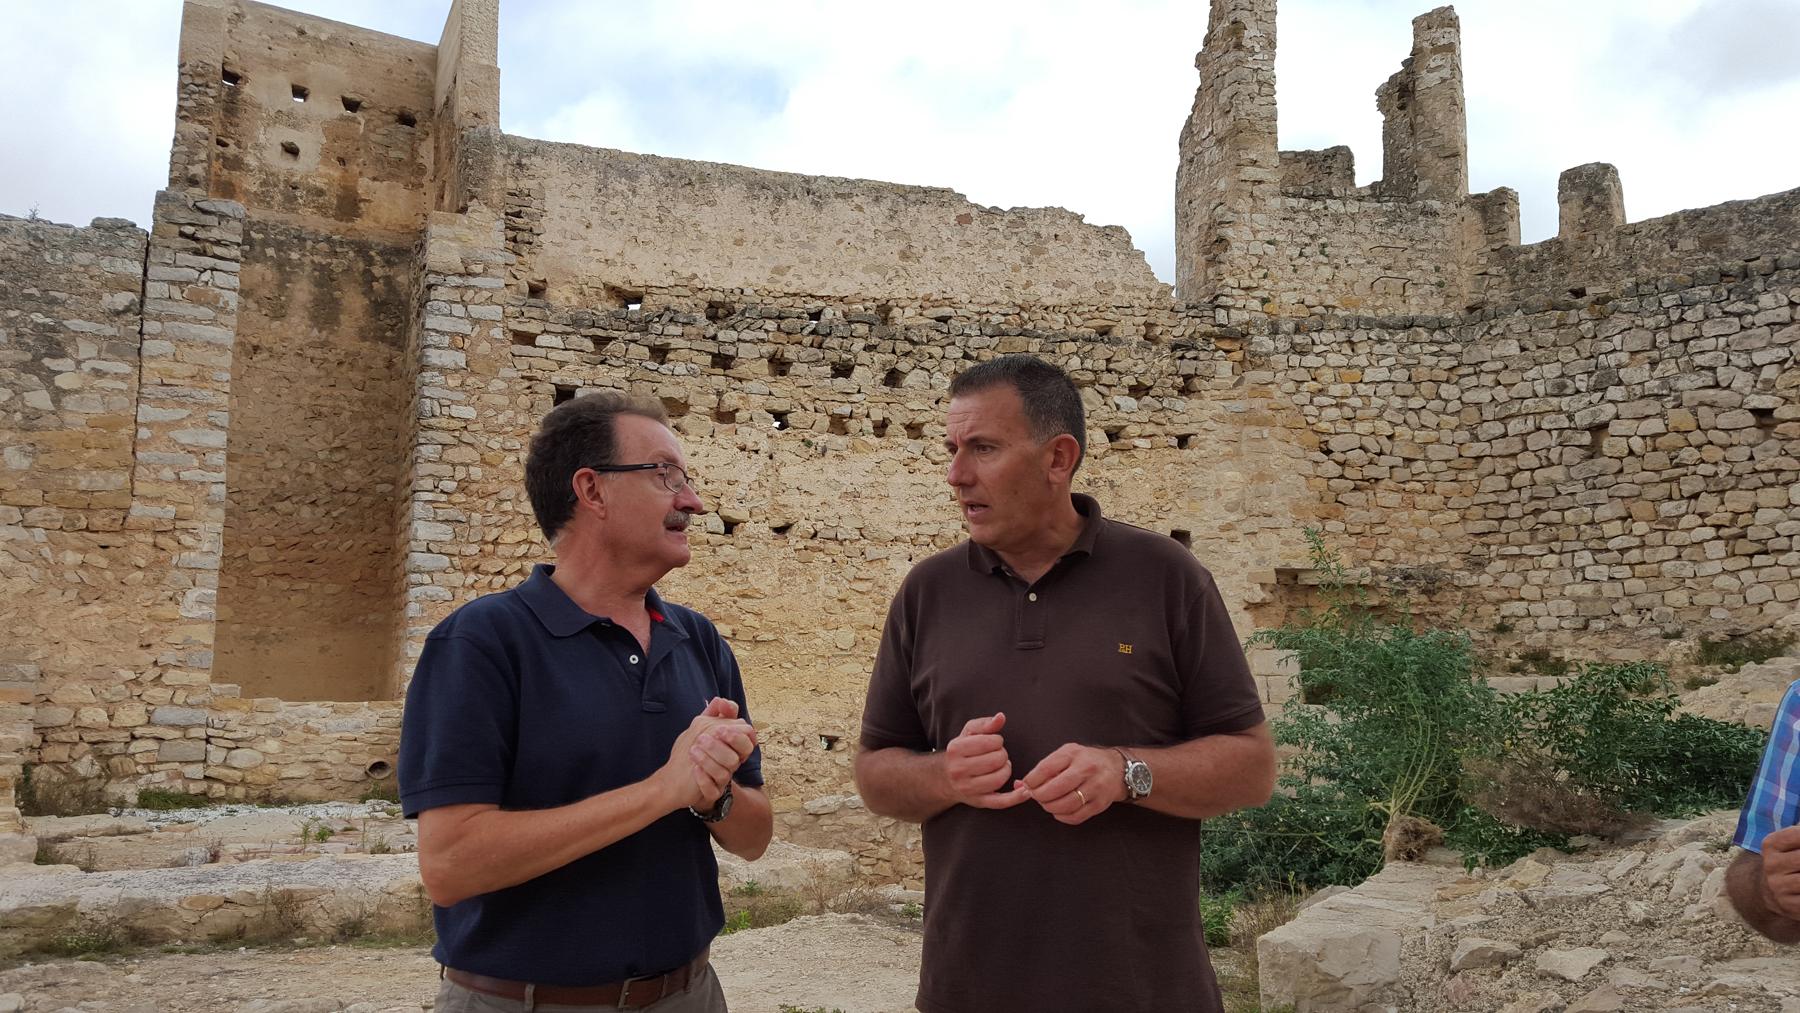 La Diputació destinarà 200.000 euros per conserva els castells de Xivert i Polpís